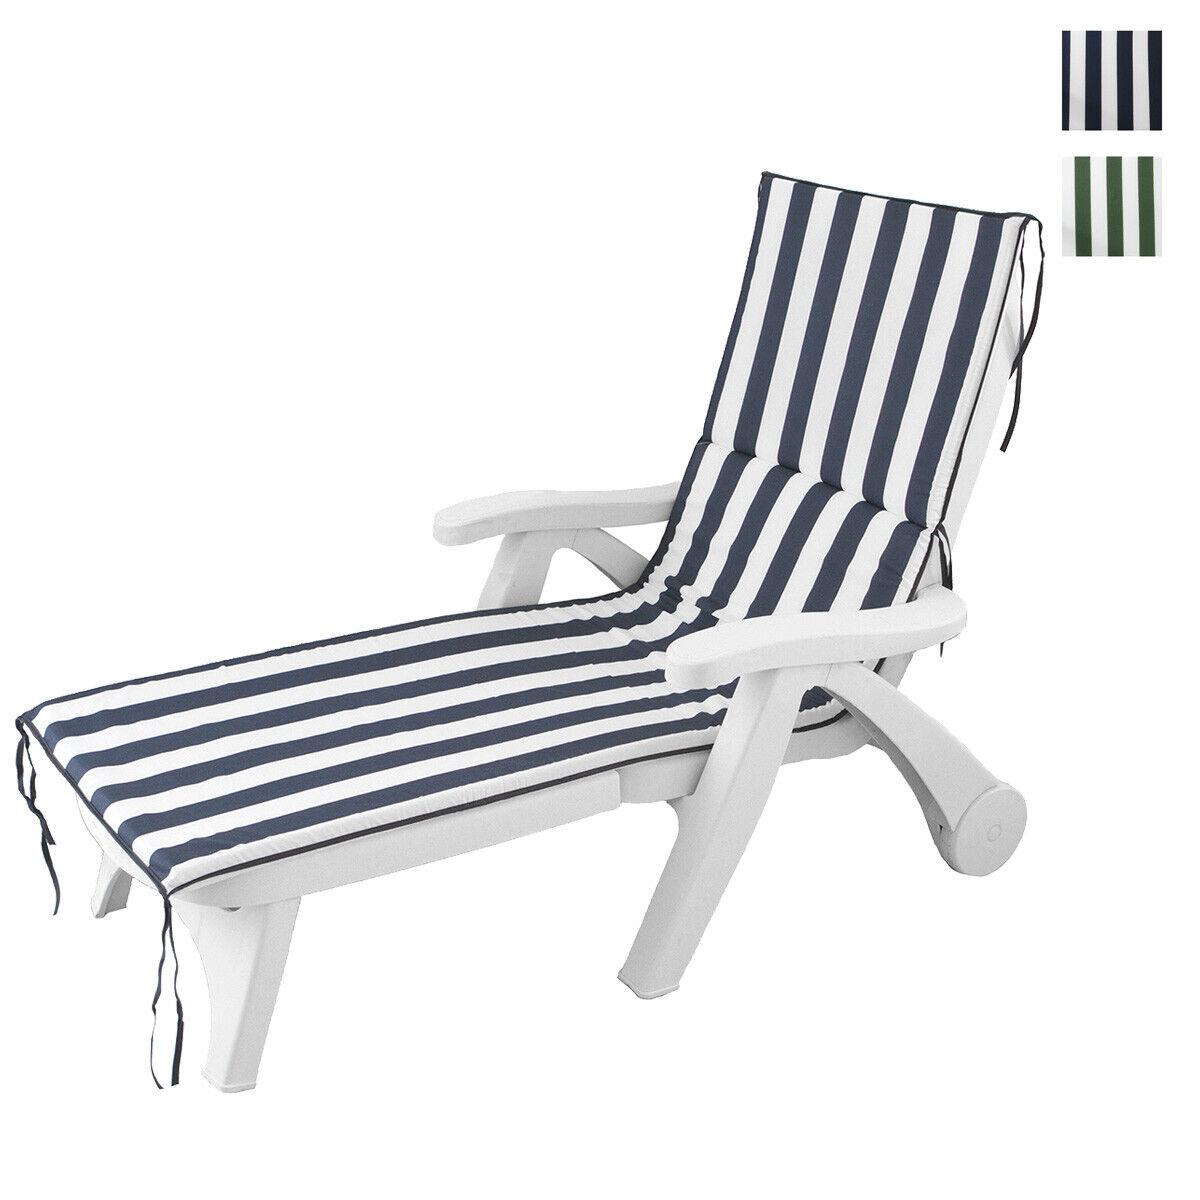 details sur coussin pour chaise longue transat l exterieur jardin raye 60x190 cm p498